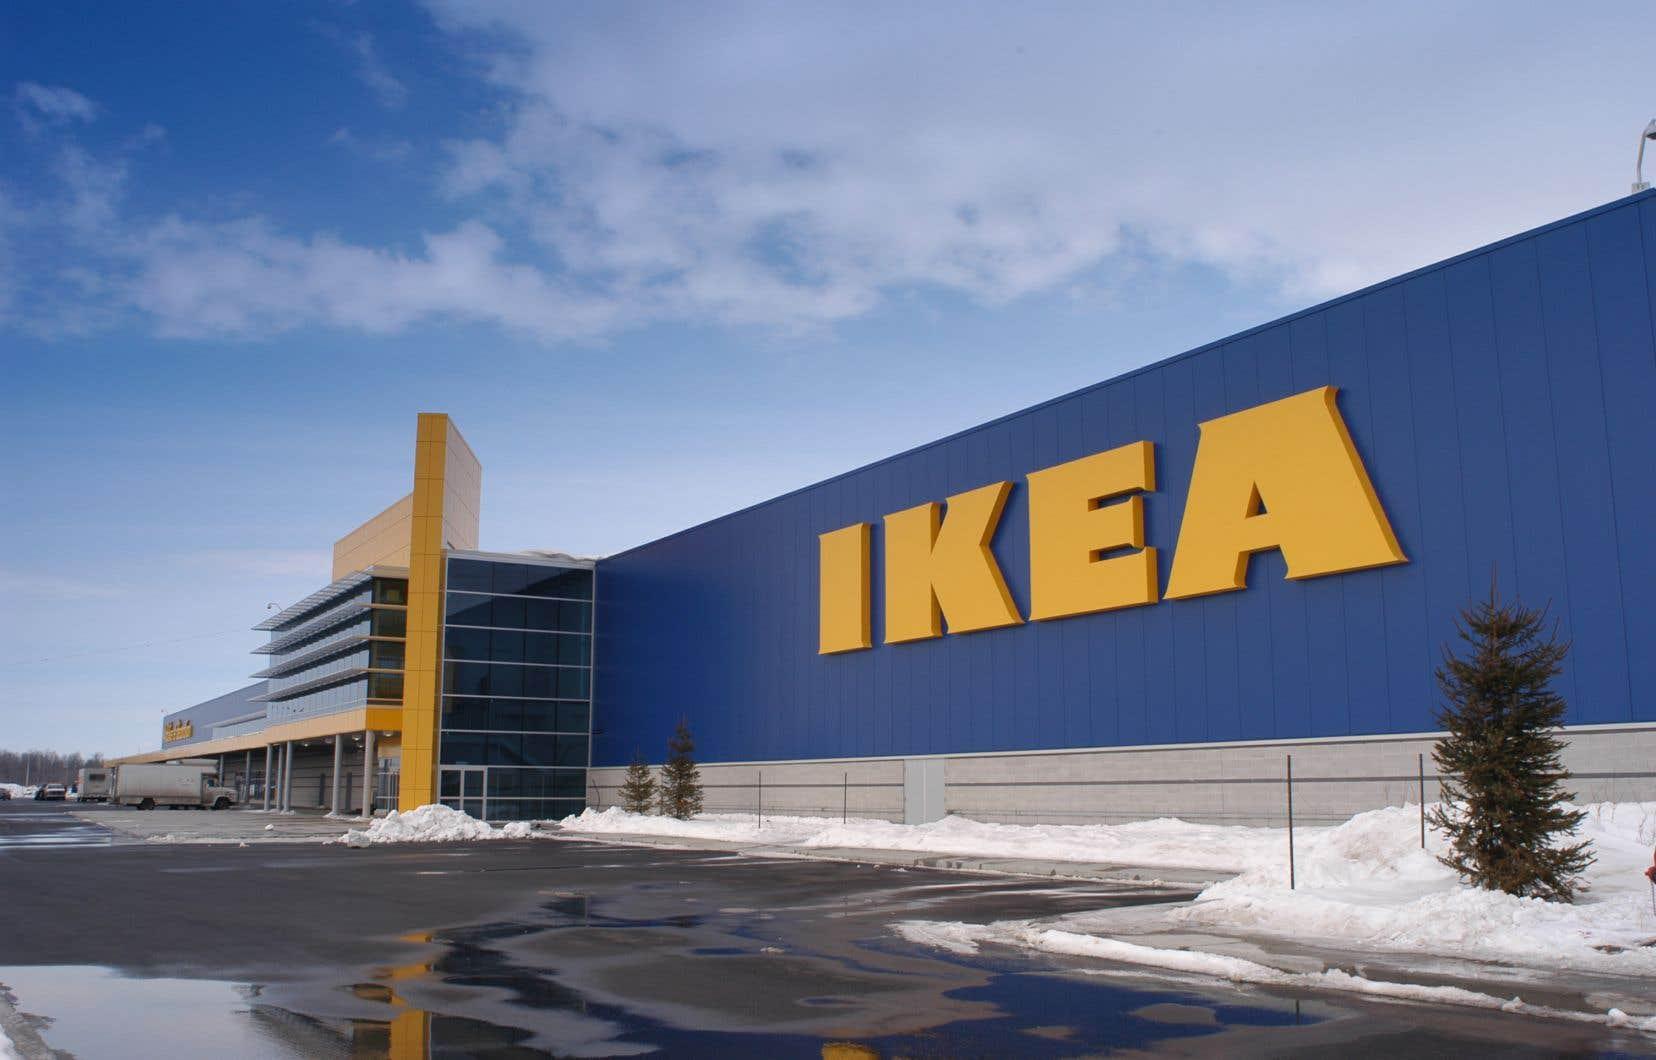 Les dirigeants de certaines grandes chaînes de magasins, notamment IKEA, ont fermé leurs établissements pour une période indéterminée.